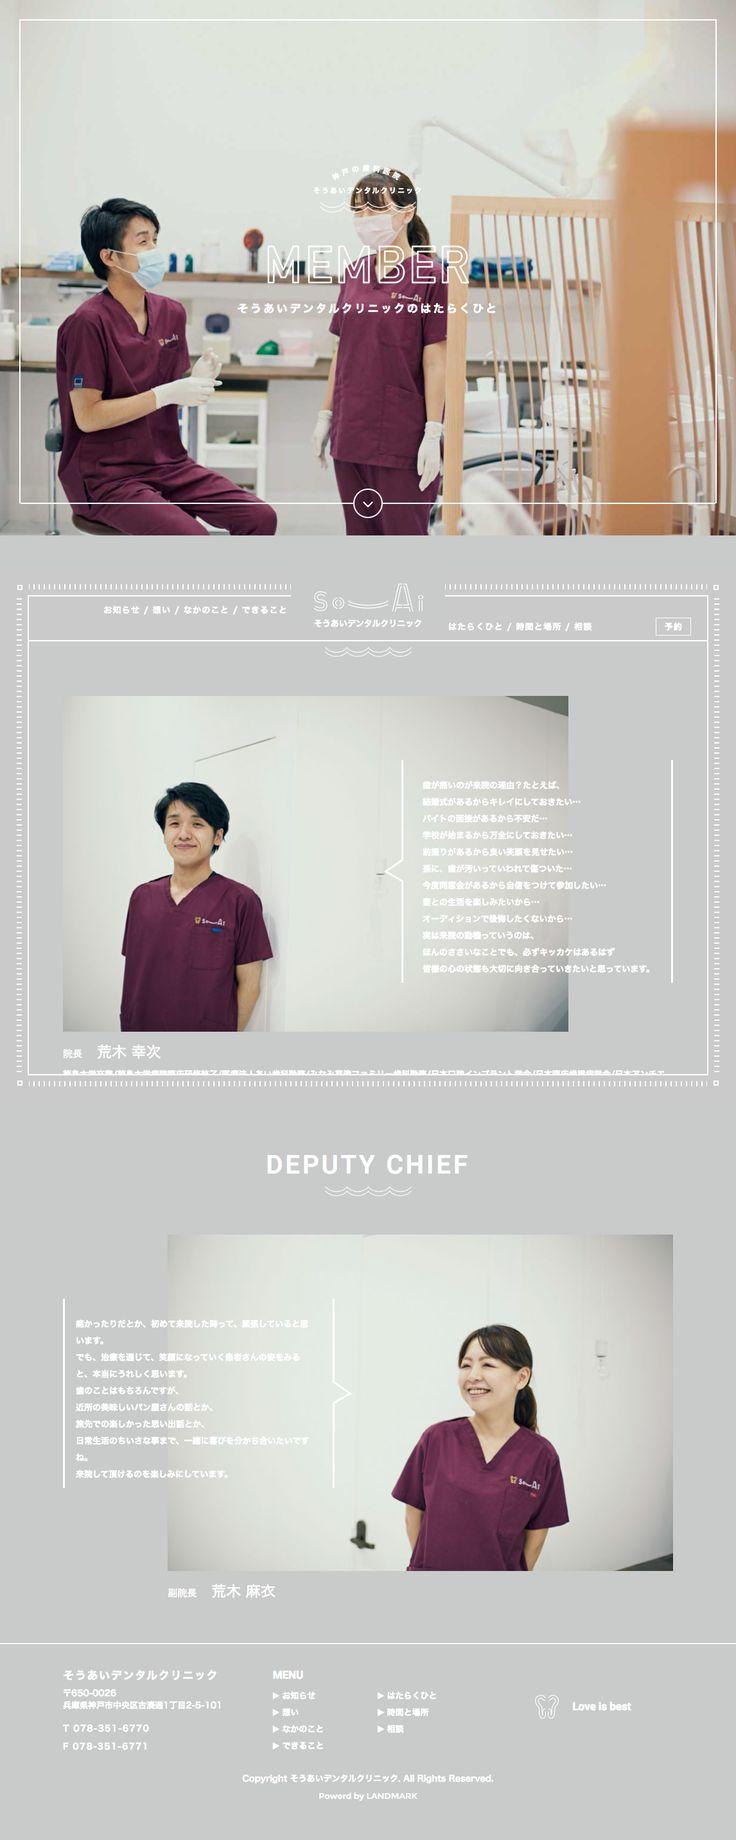 【神戸の歯科医院】 スライド大きな写真/白線字/白/灰色/ロゴ動く/歯医者/スクロールにあわせたロゴと縁の動作が気持ちいい。 http://so-ai.jp/